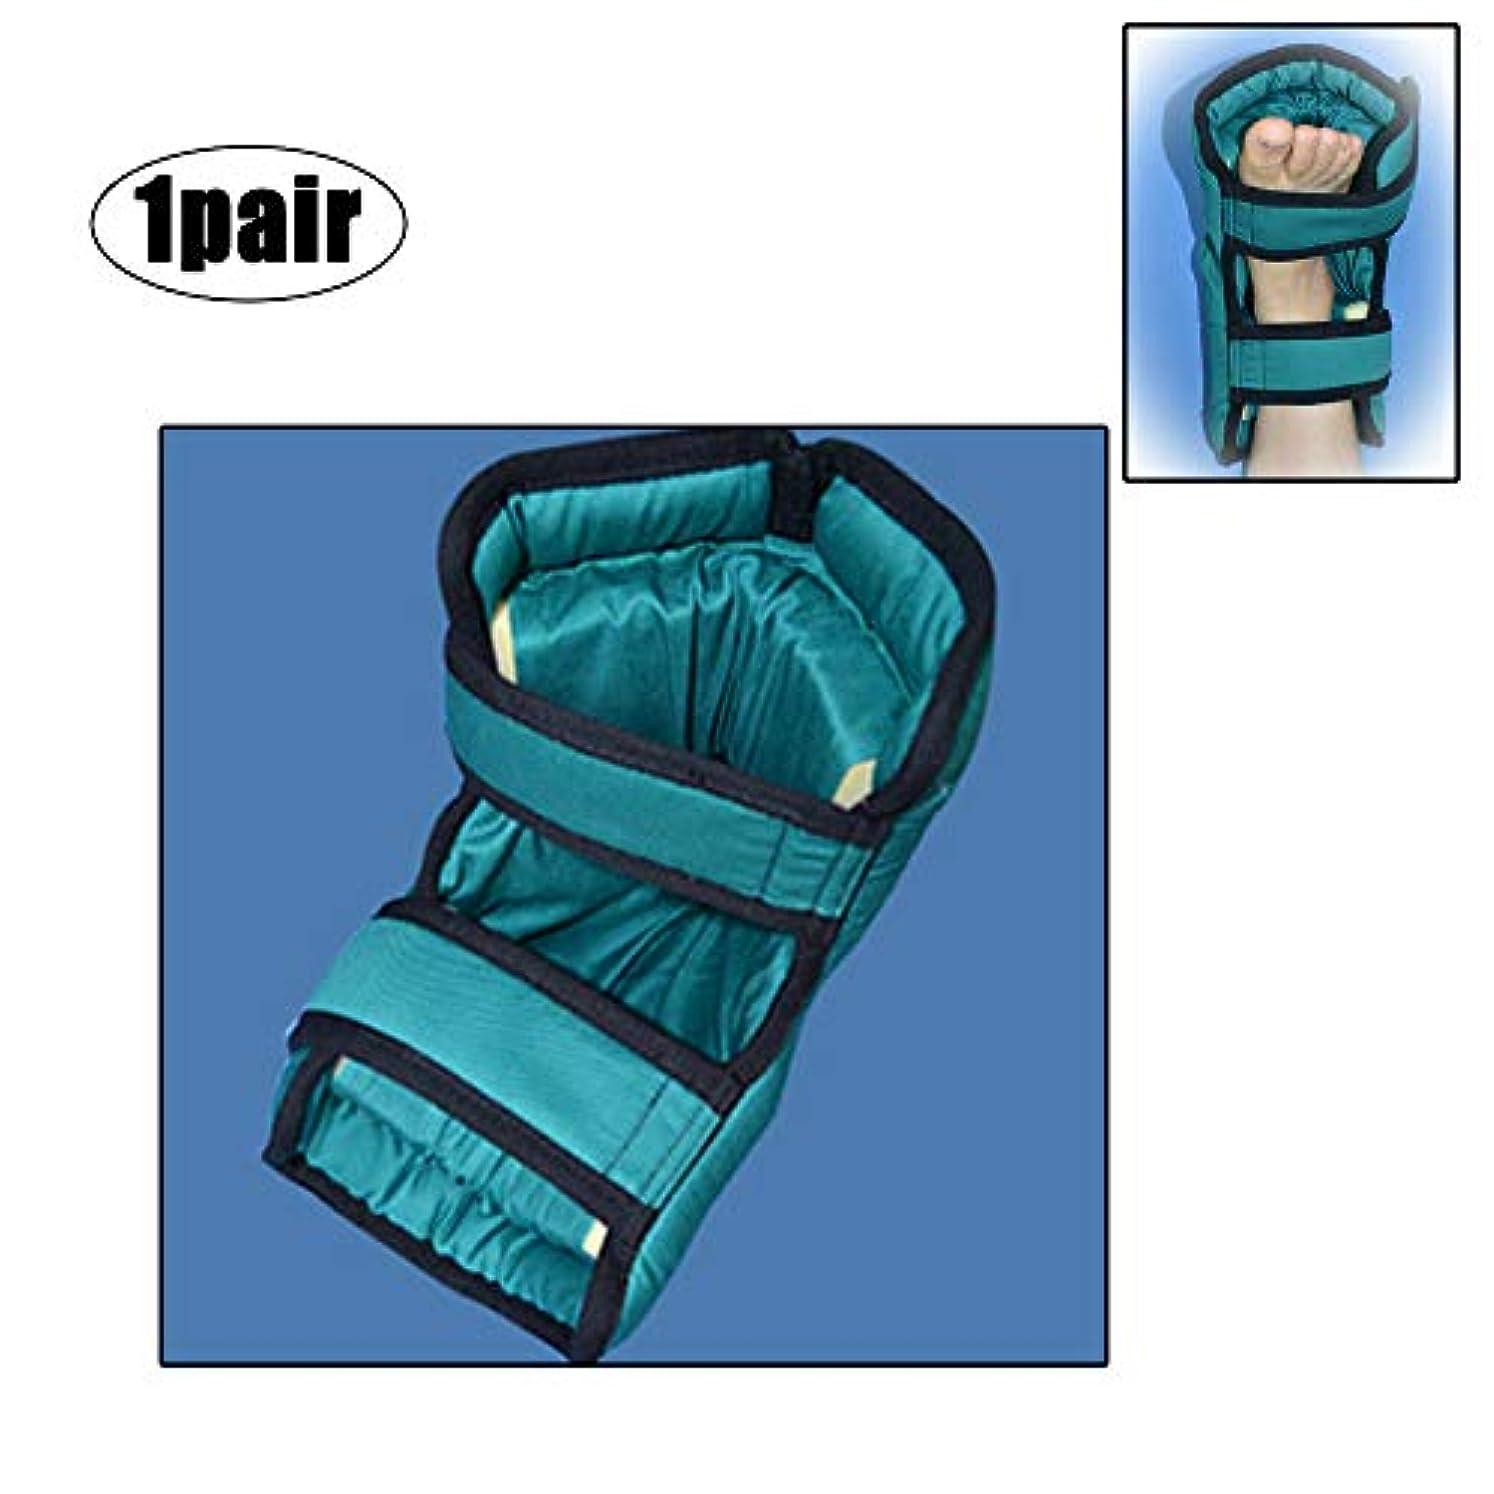 芽構築するフレキシブルヒールプロテクター、部分的外傷| 車椅子| 高齢者の足の補正カバー、青緑